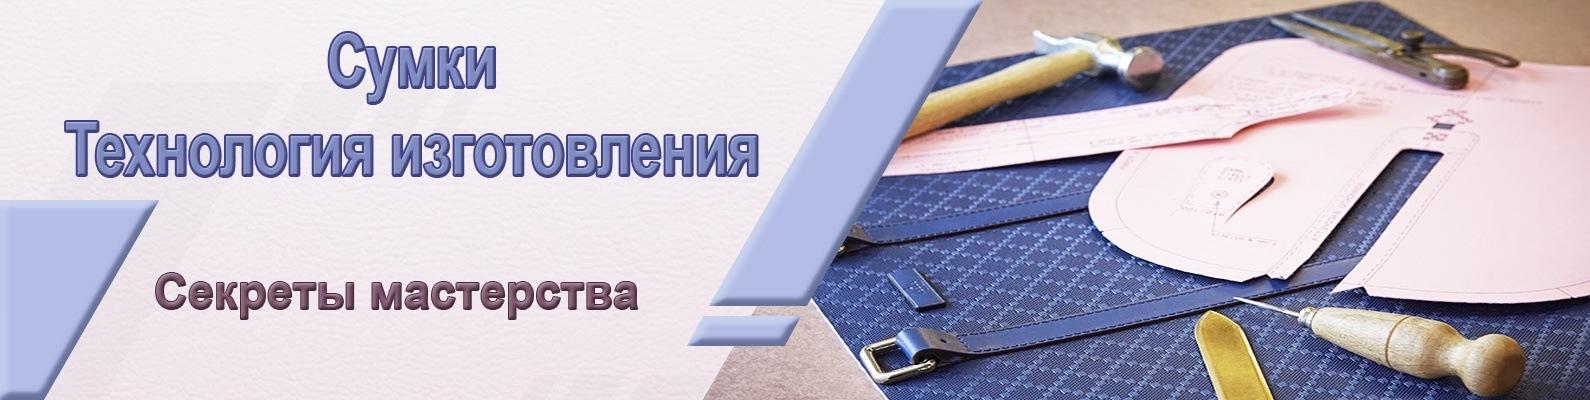 453d2568f06f Сумки. Технология изготовления.   ВКонтакте